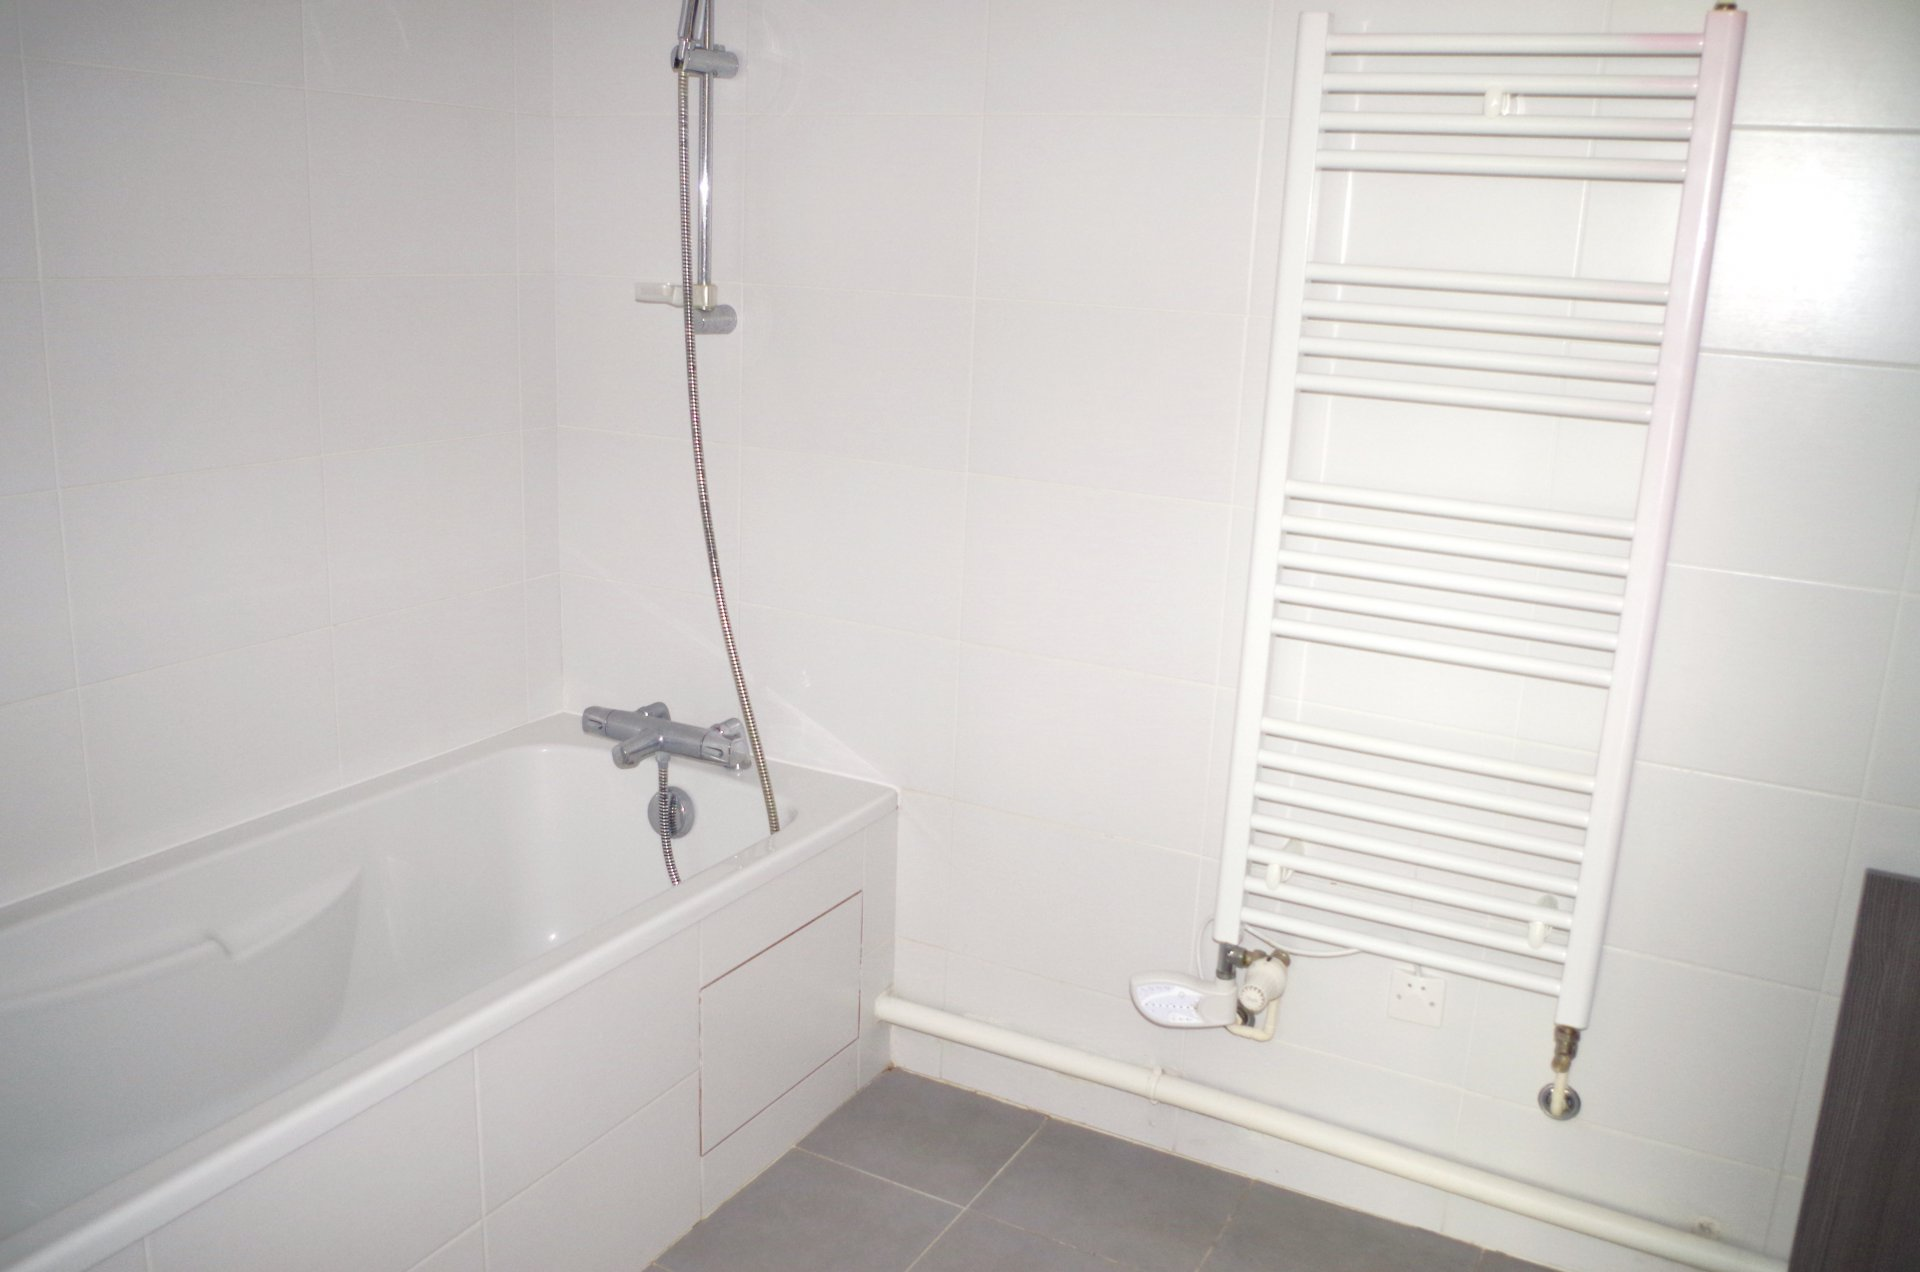 Appartement T3 - 66 m² - QUARTIER ARGOULETS